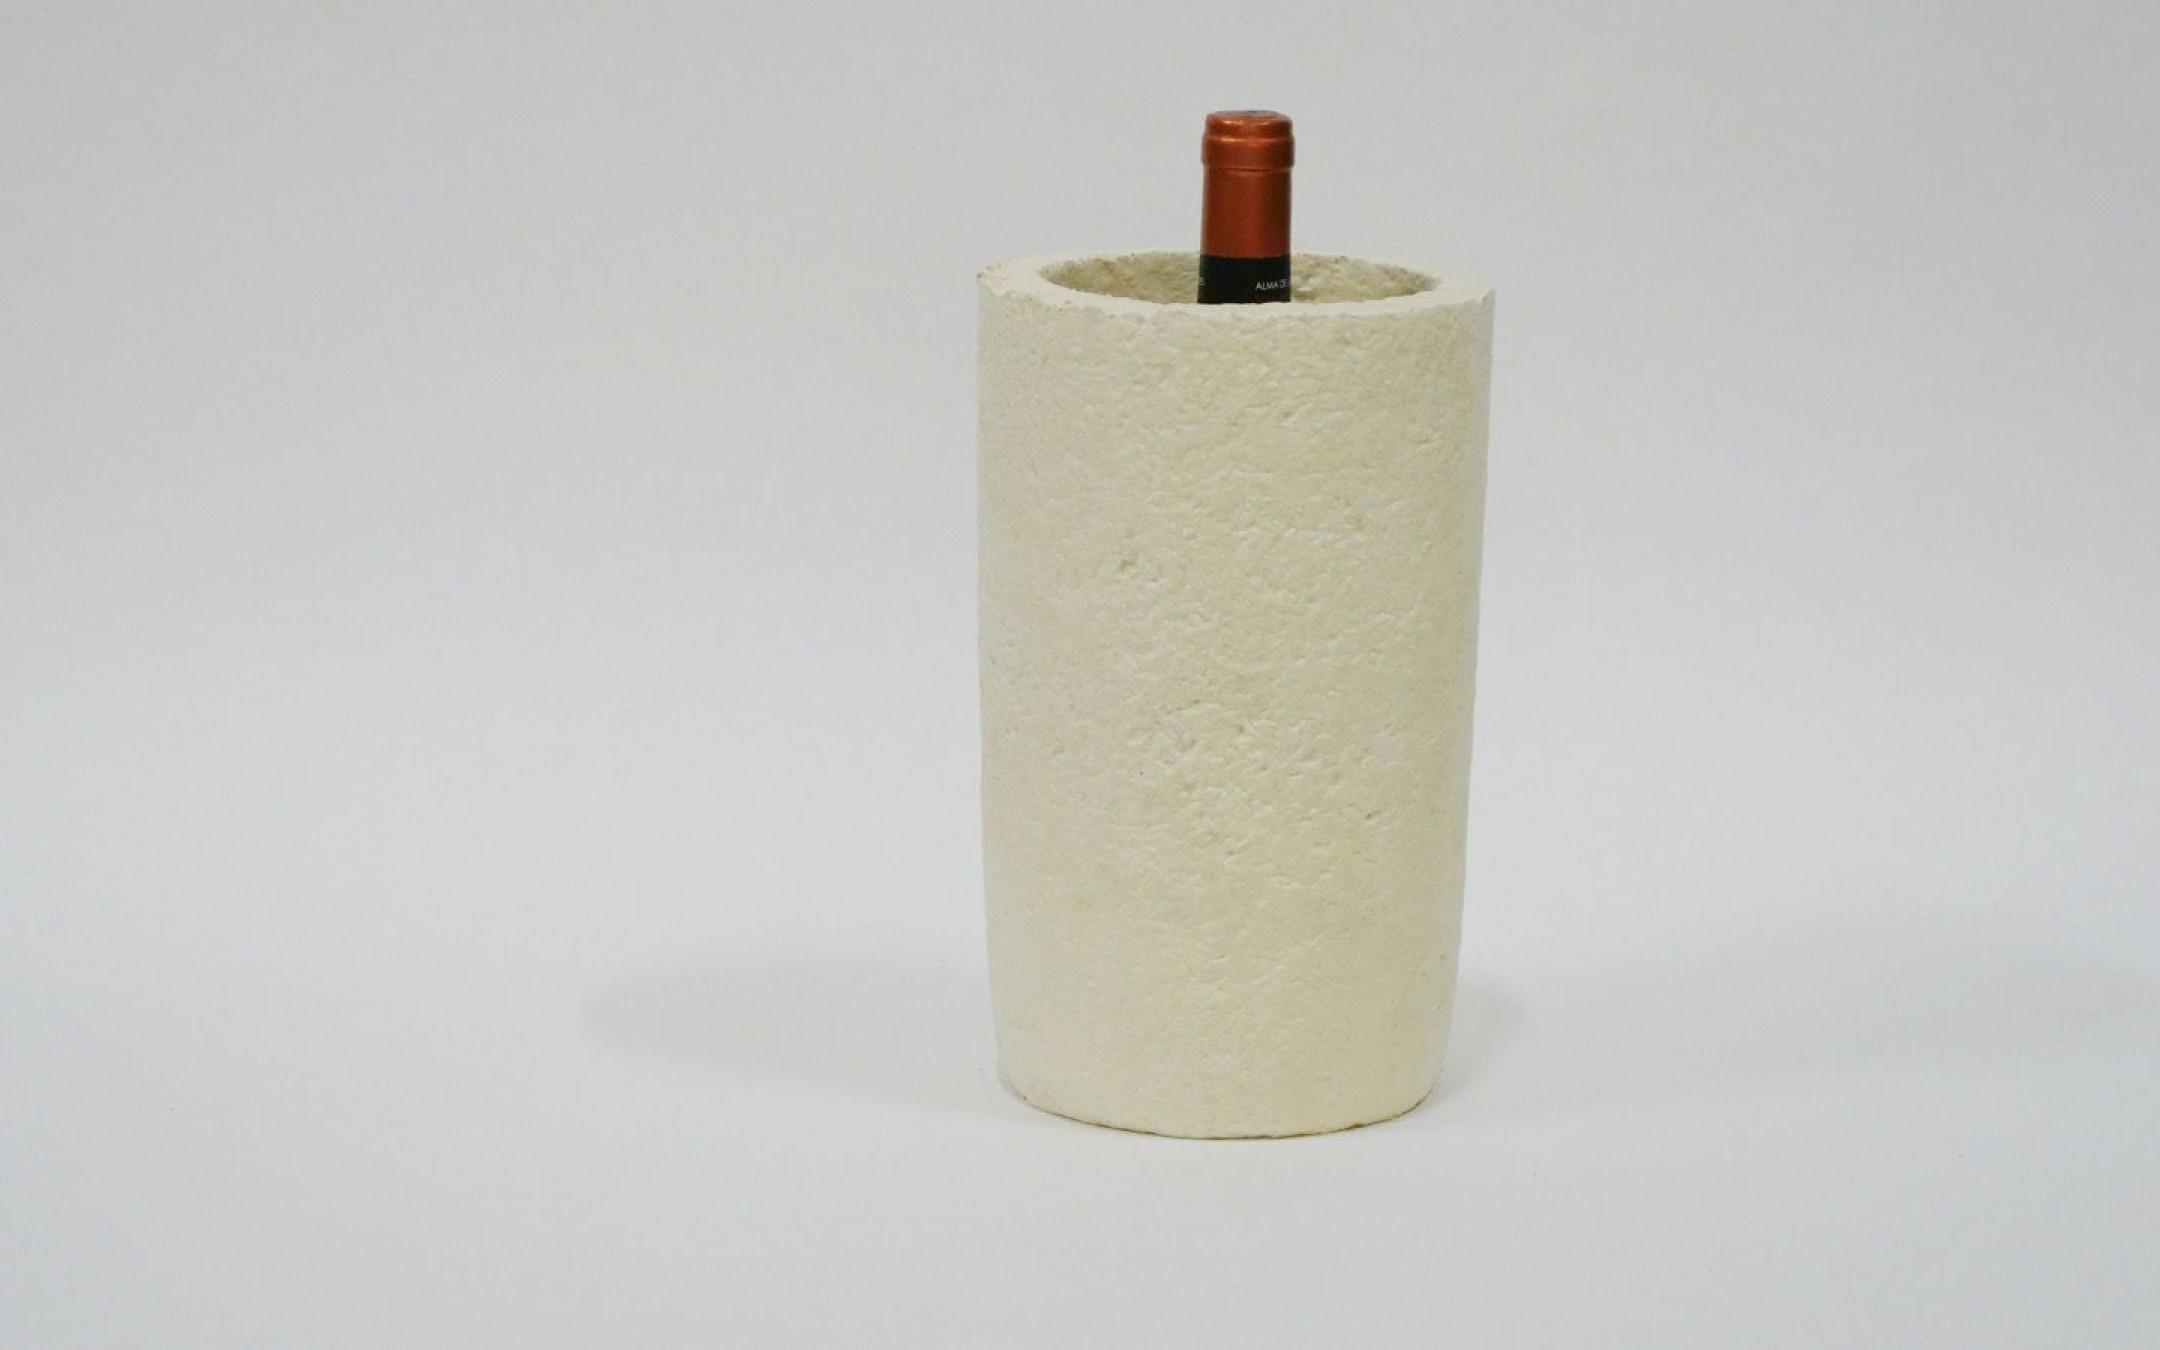 Mycelium products